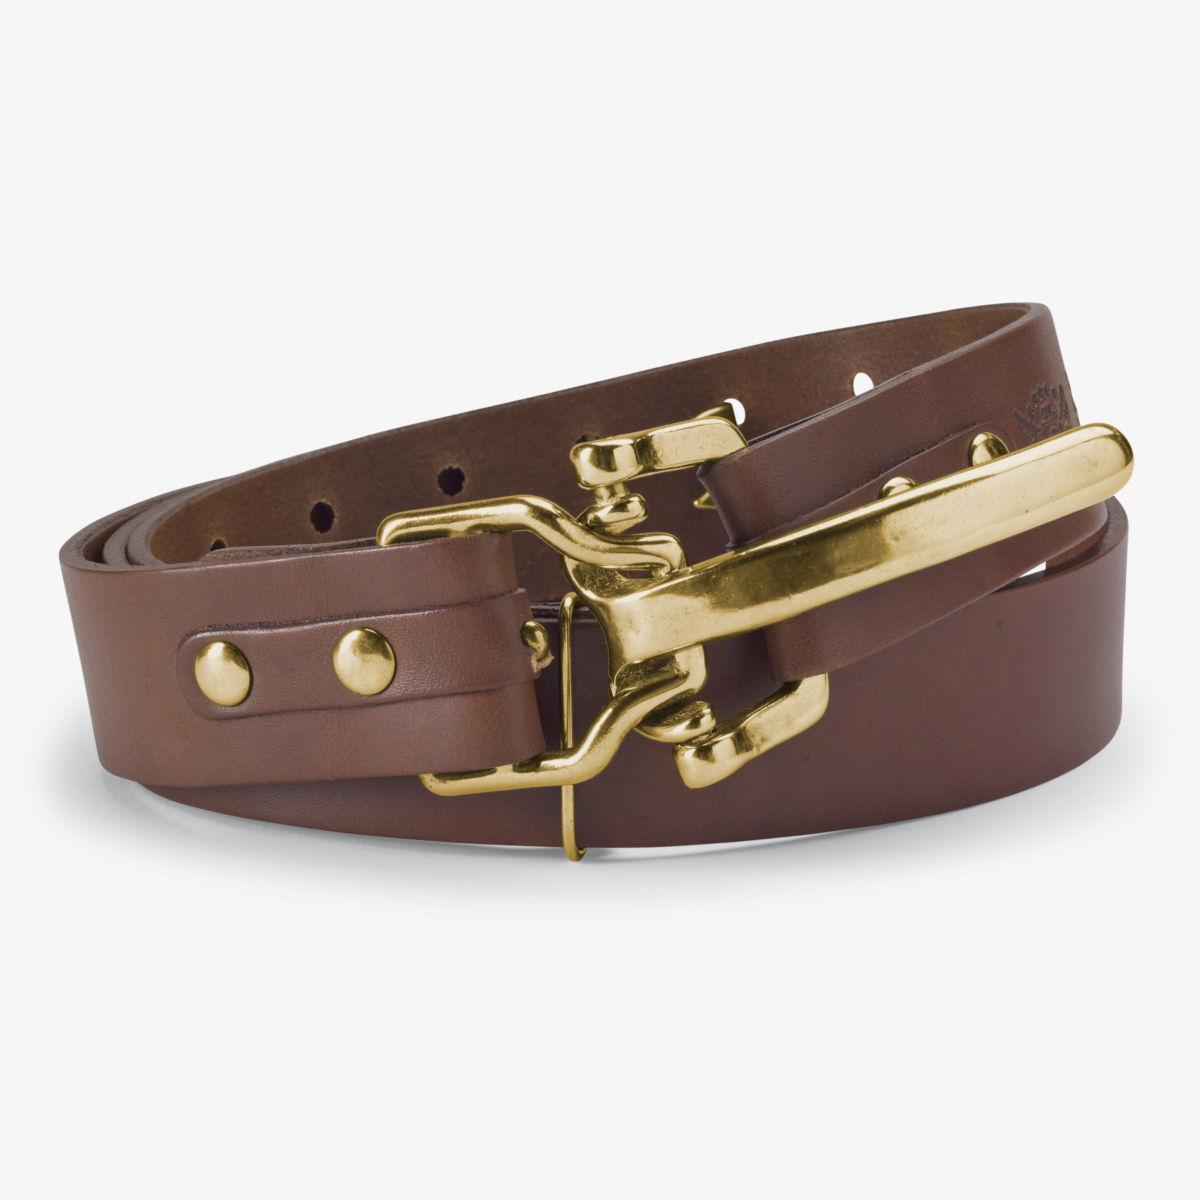 Bridle Leather Cinch Belt - BRASSimage number 0